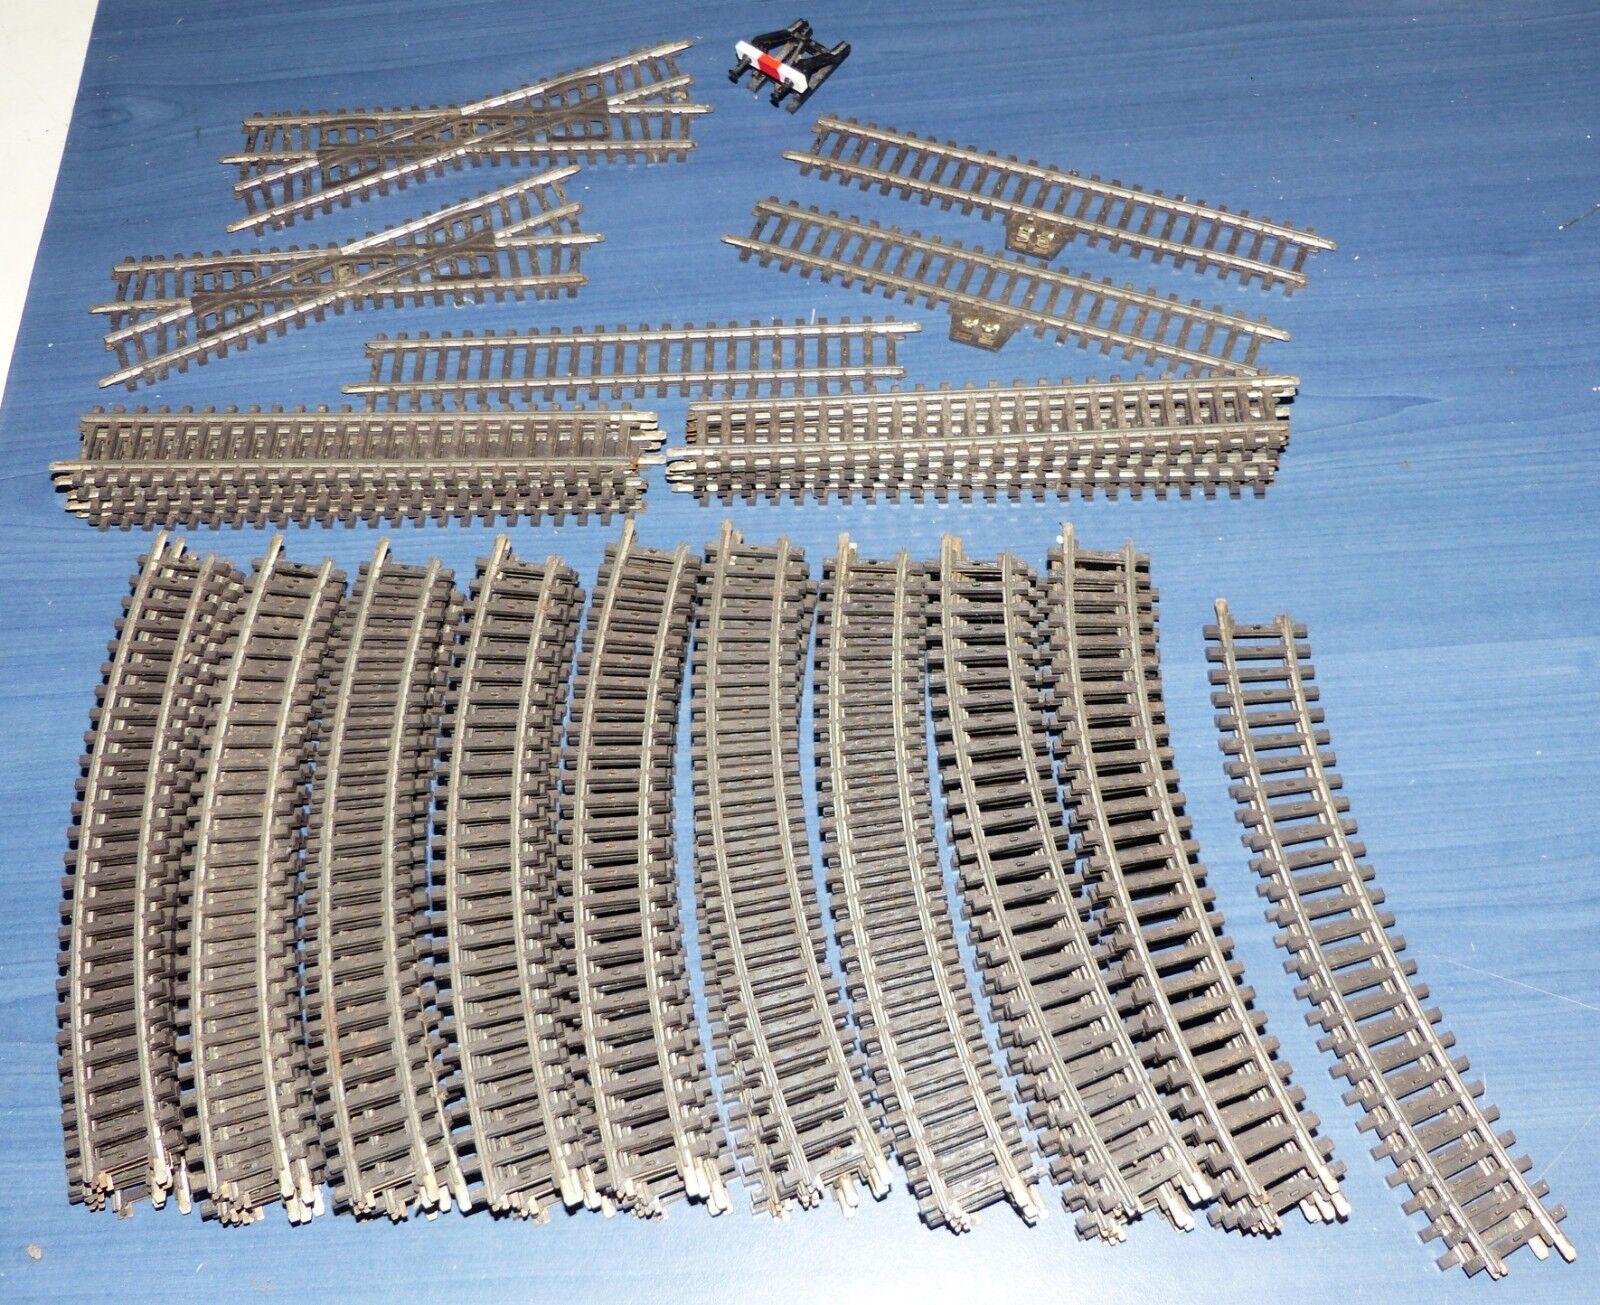 62 pezzi   K BINARIO la raccolta cava profilo da 2121 2100 2190 2159 h0